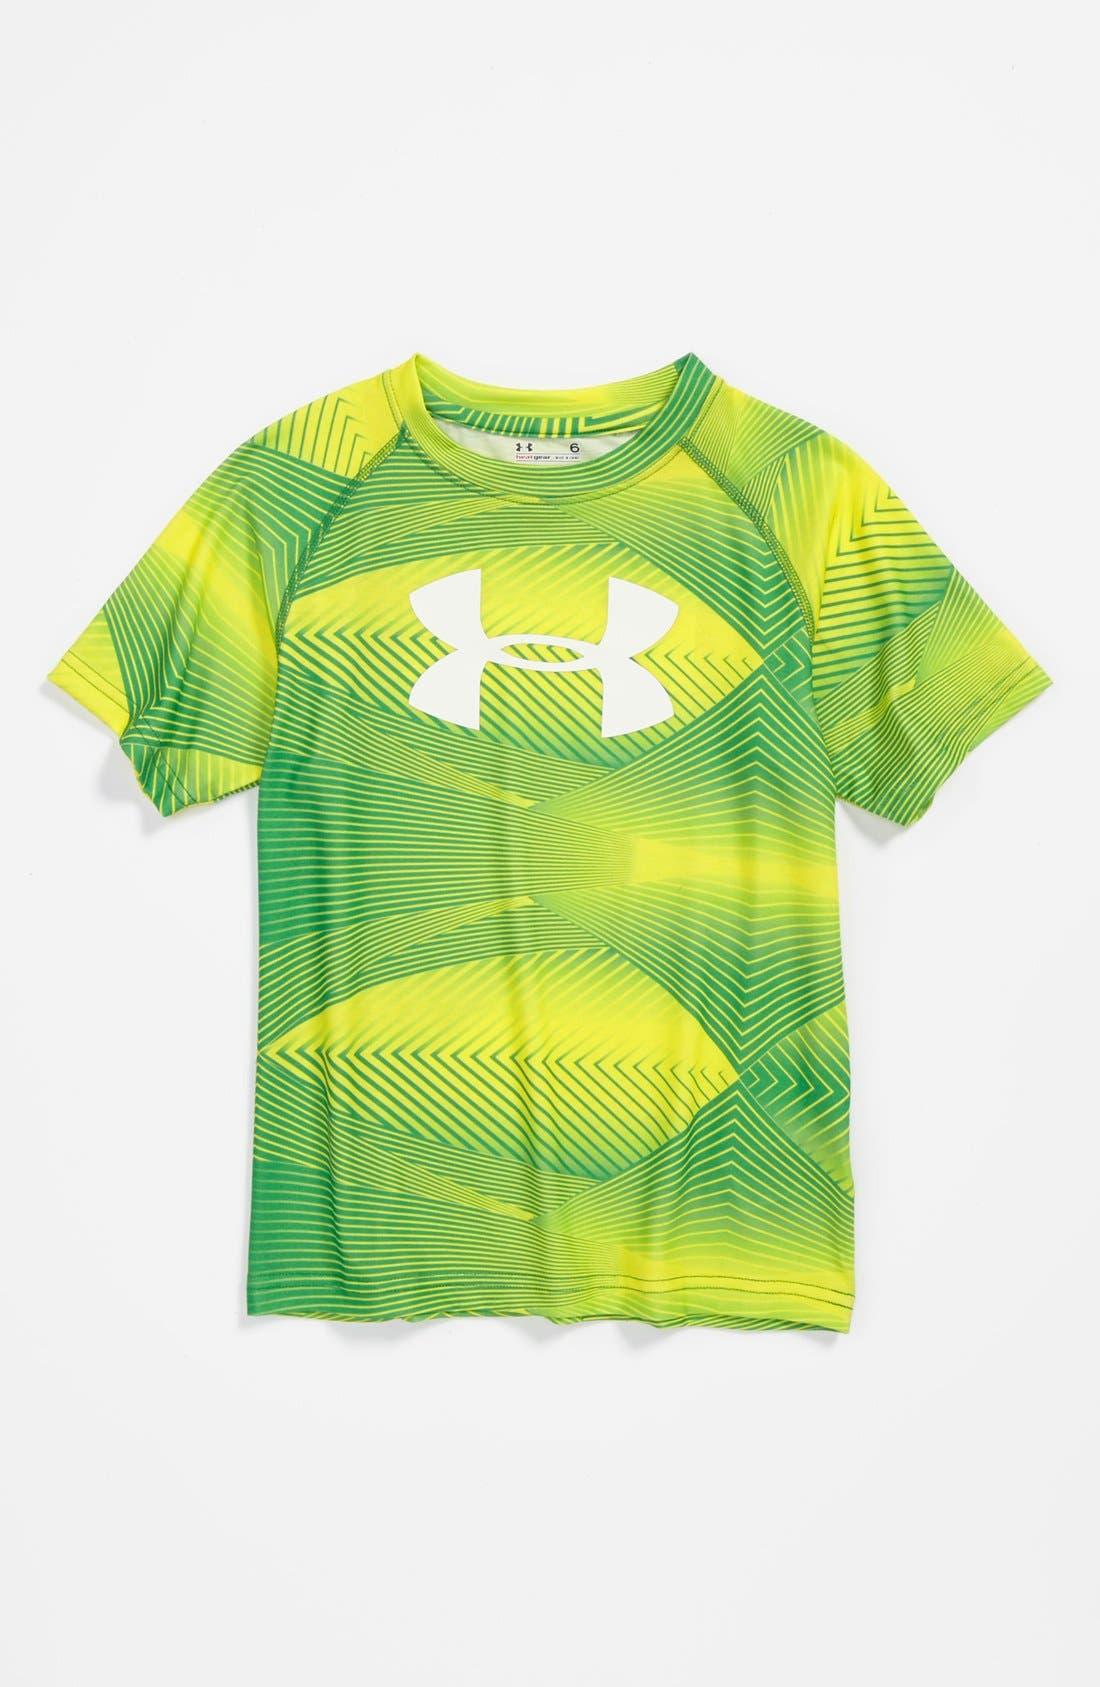 Main Image - Under Armour 'Ultralight' T-Shirt (Little Boys)